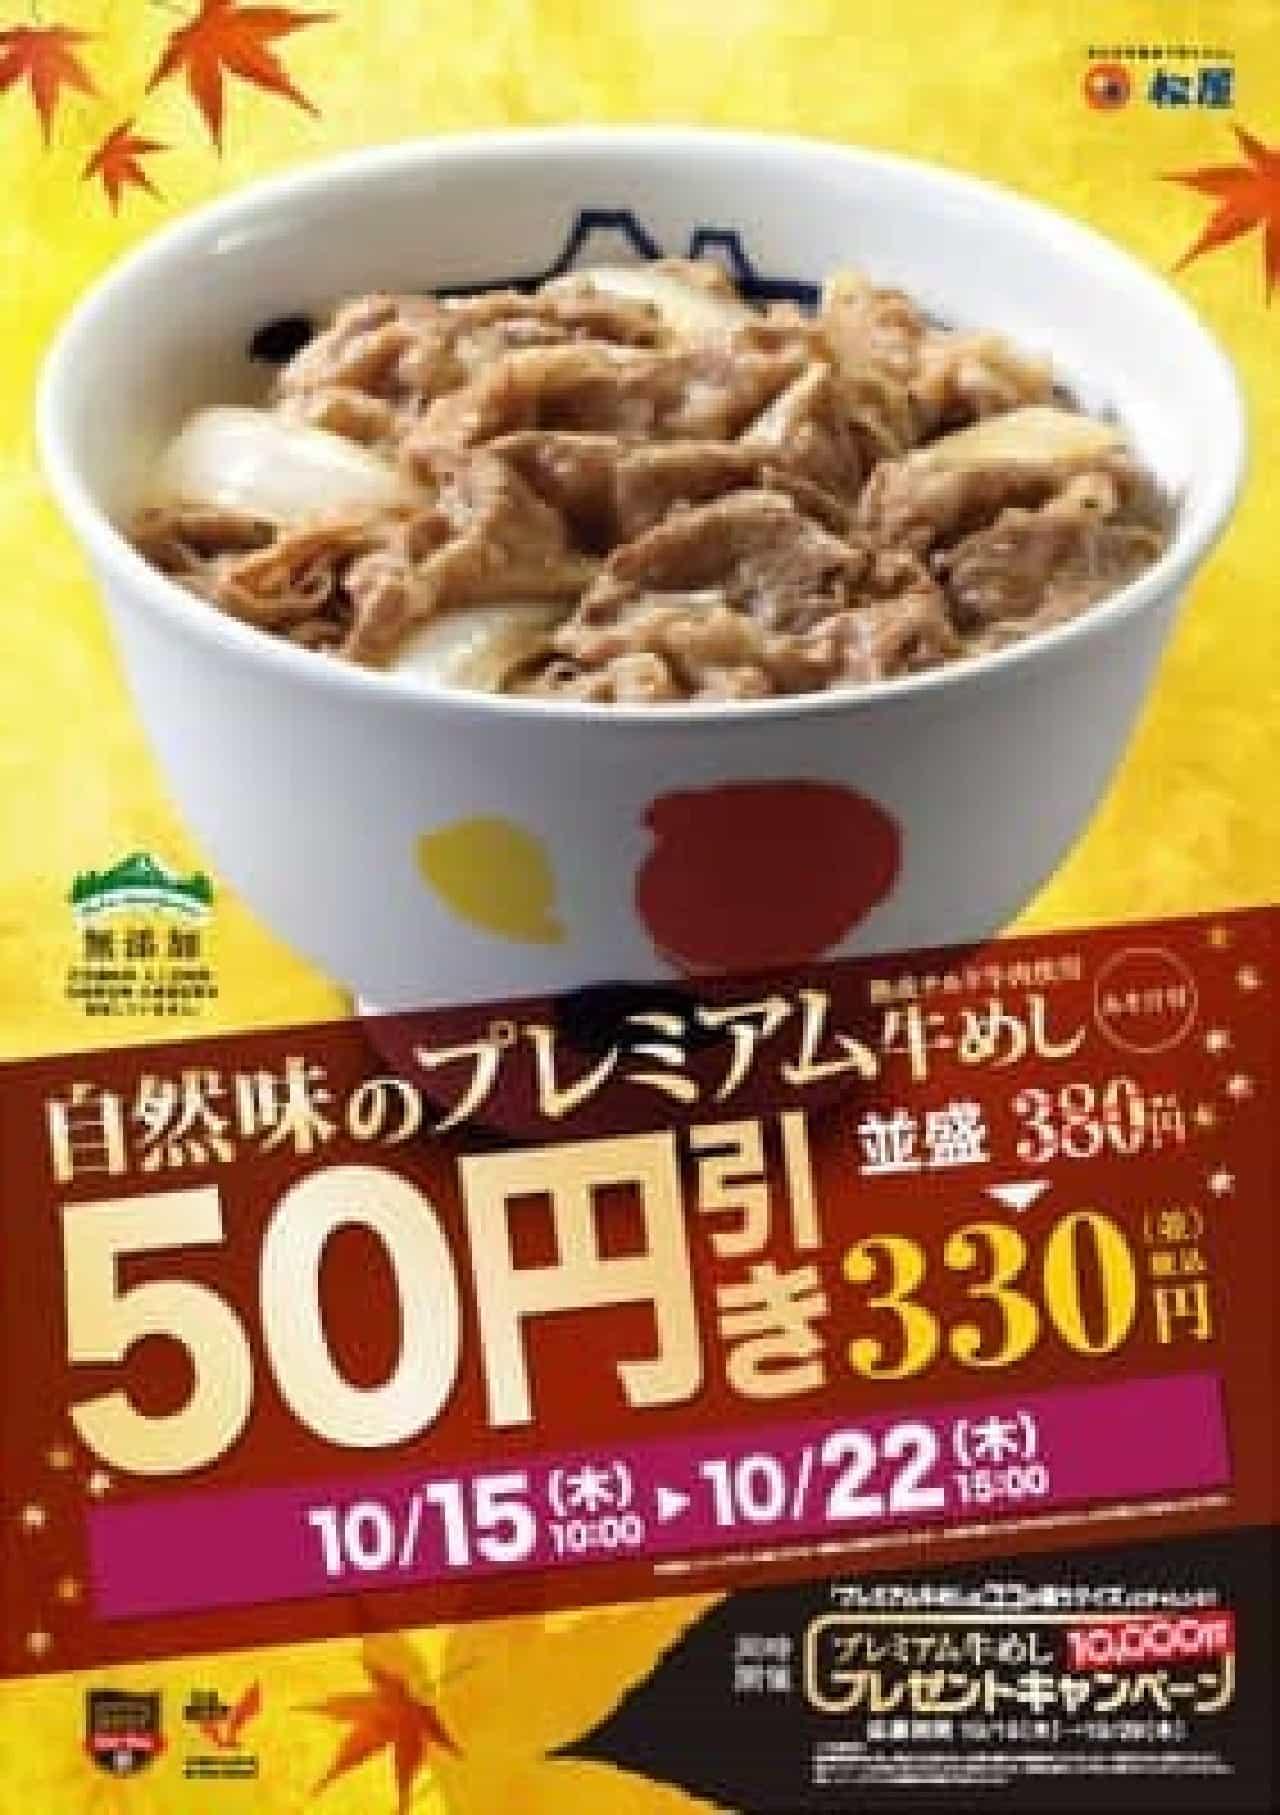 プレミアム牛めしが50円引きに!